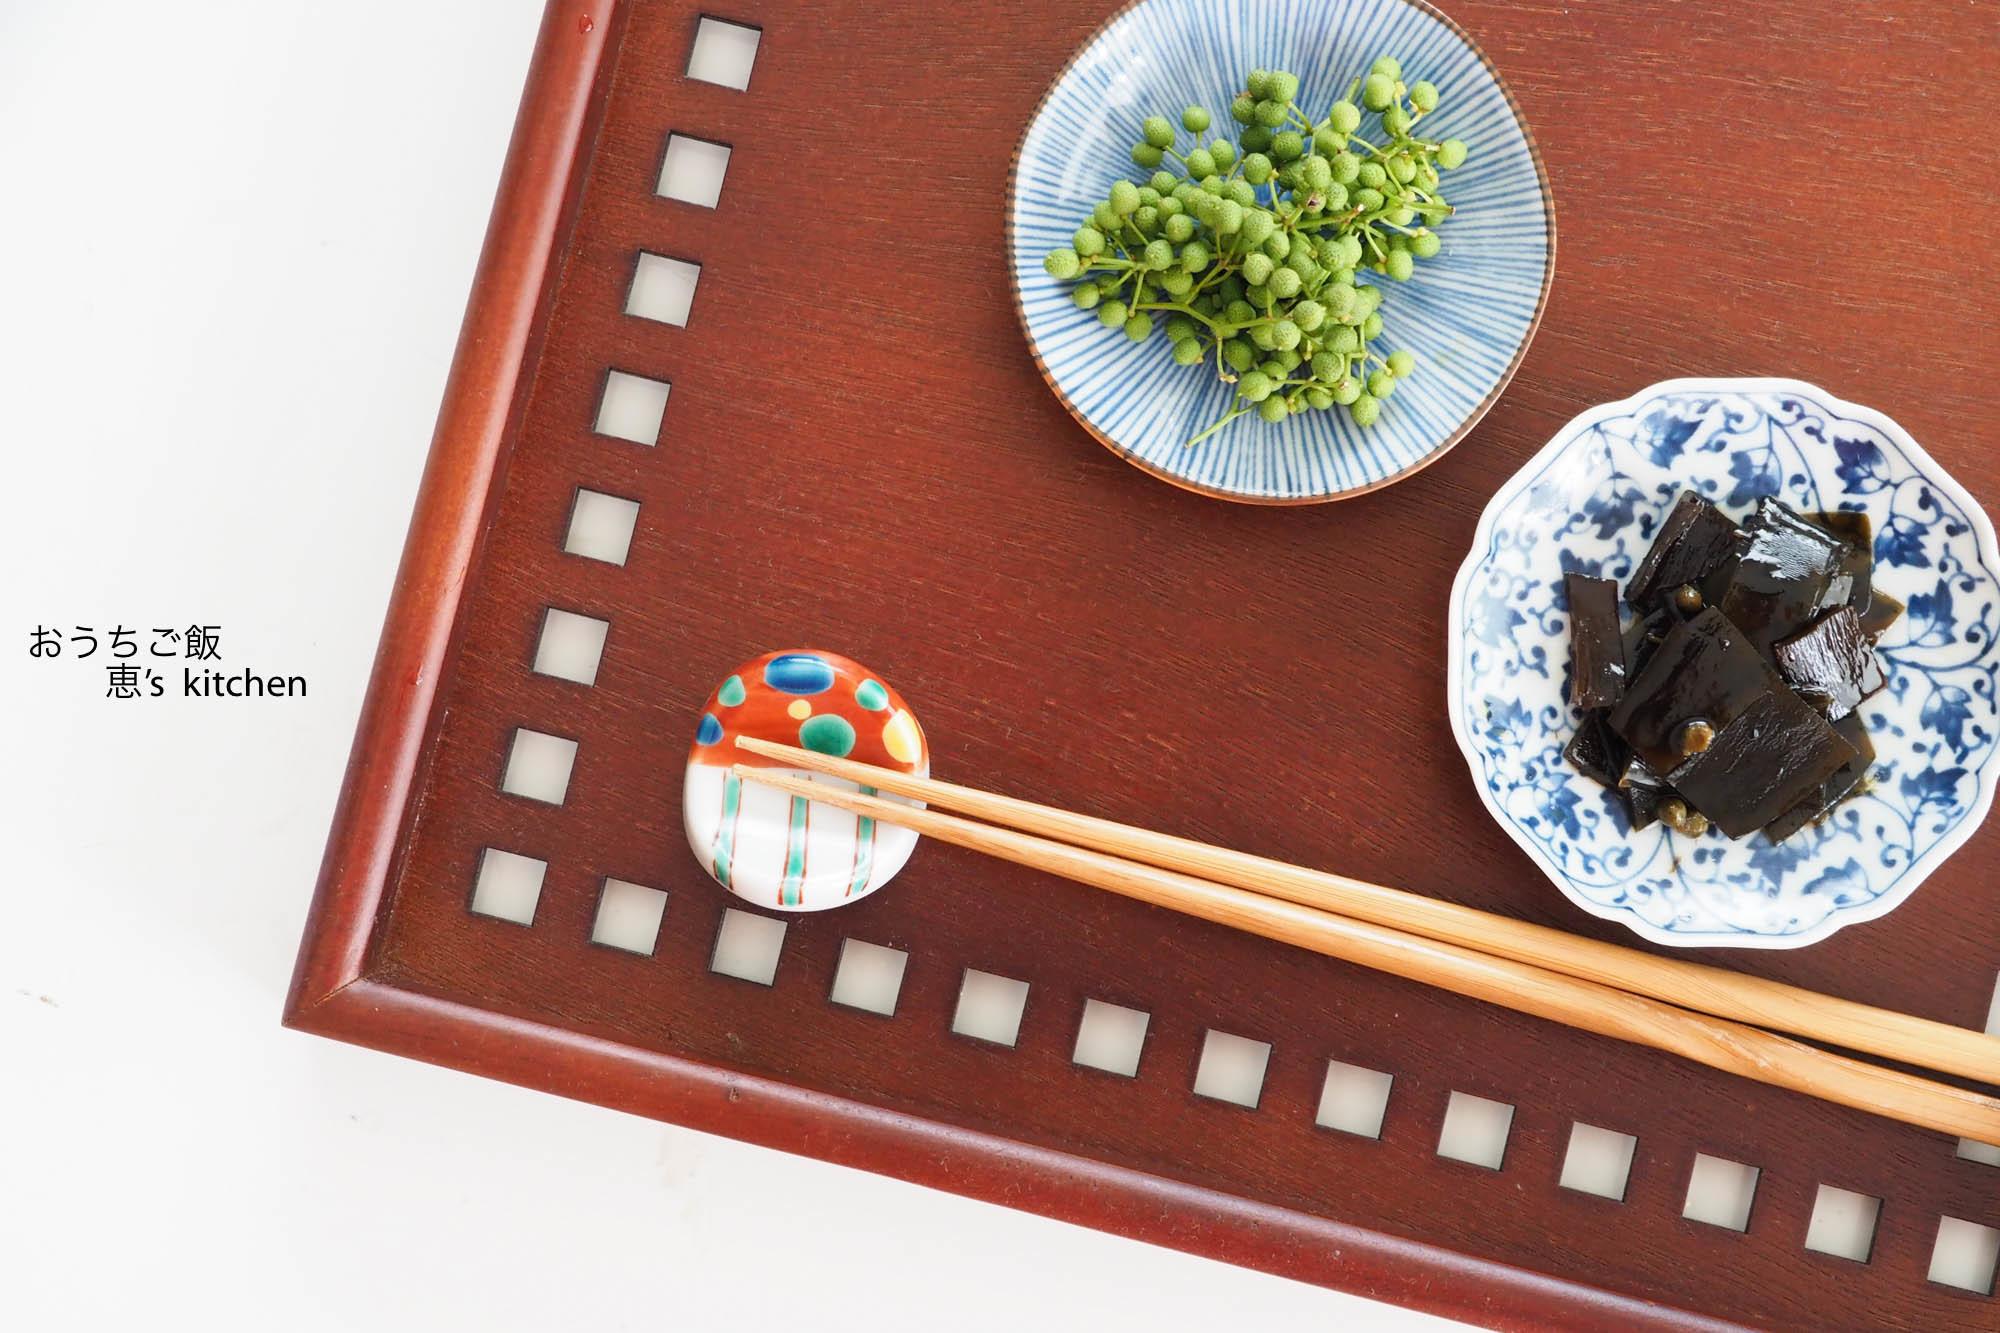 【ブログテーマ】初夏の美味しい「イエシゴト」!わがやの食卓を飾る手作りメニュー_f0357923_14445264.jpg